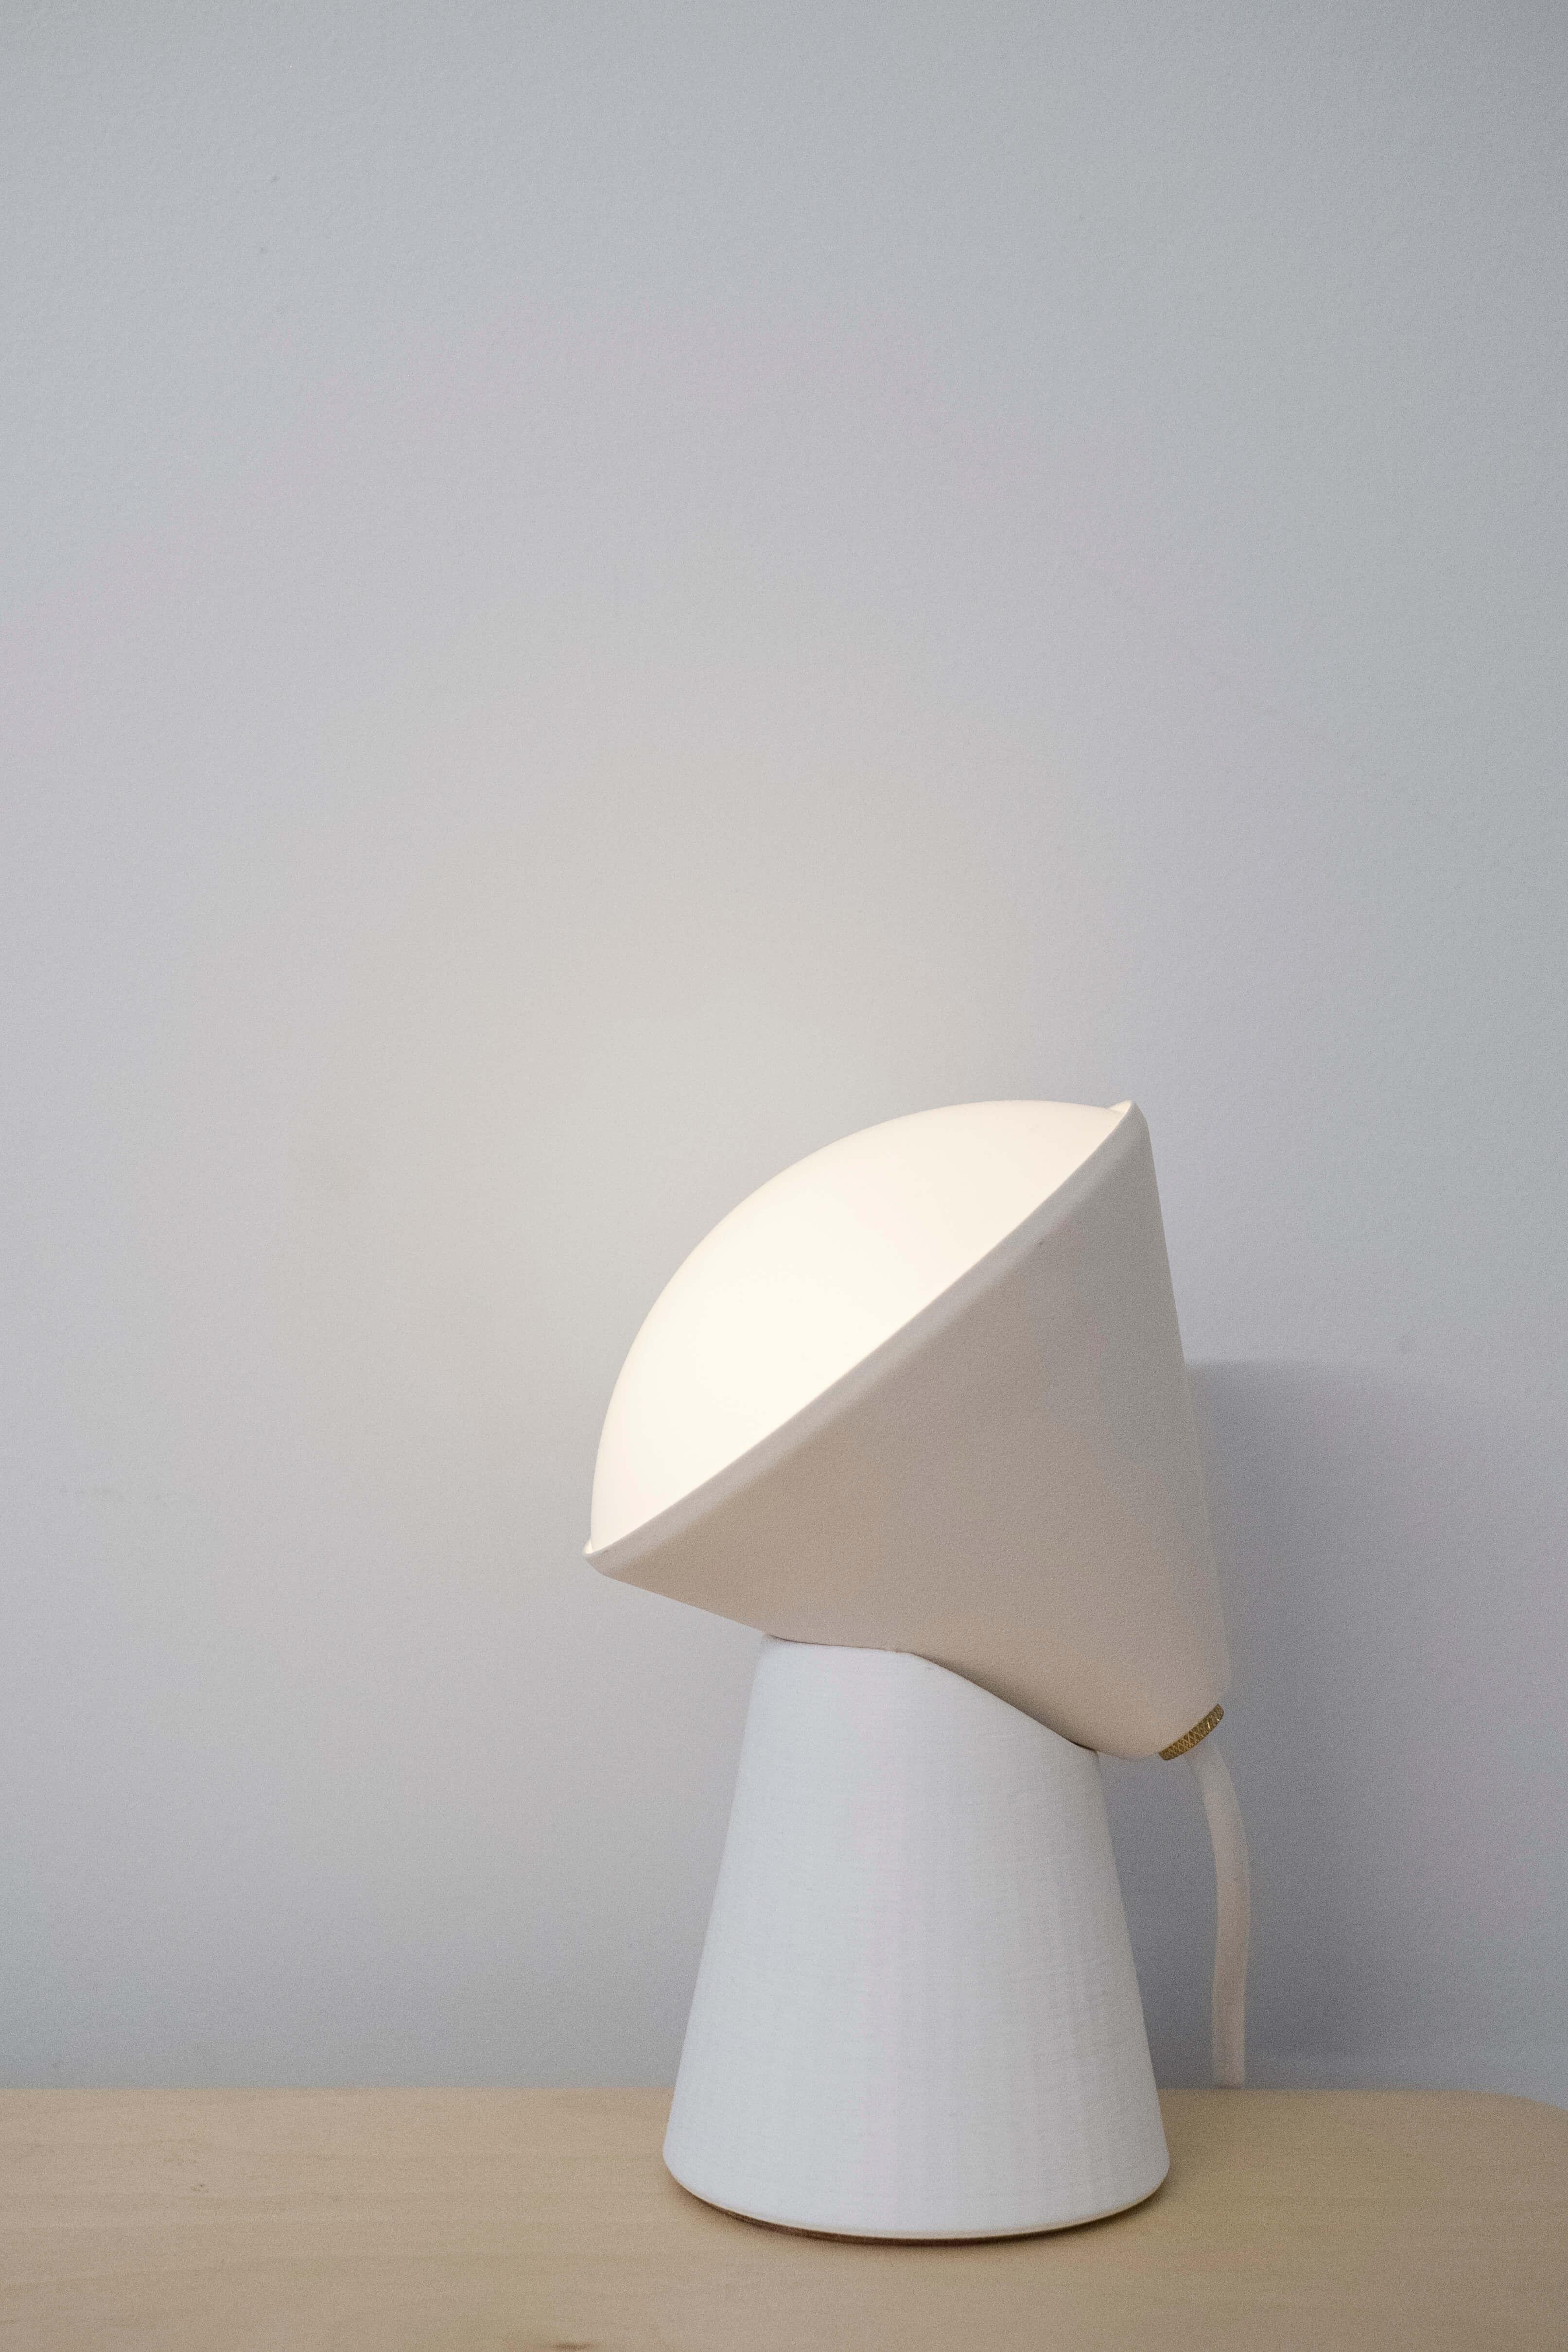 Cone_Light-2120